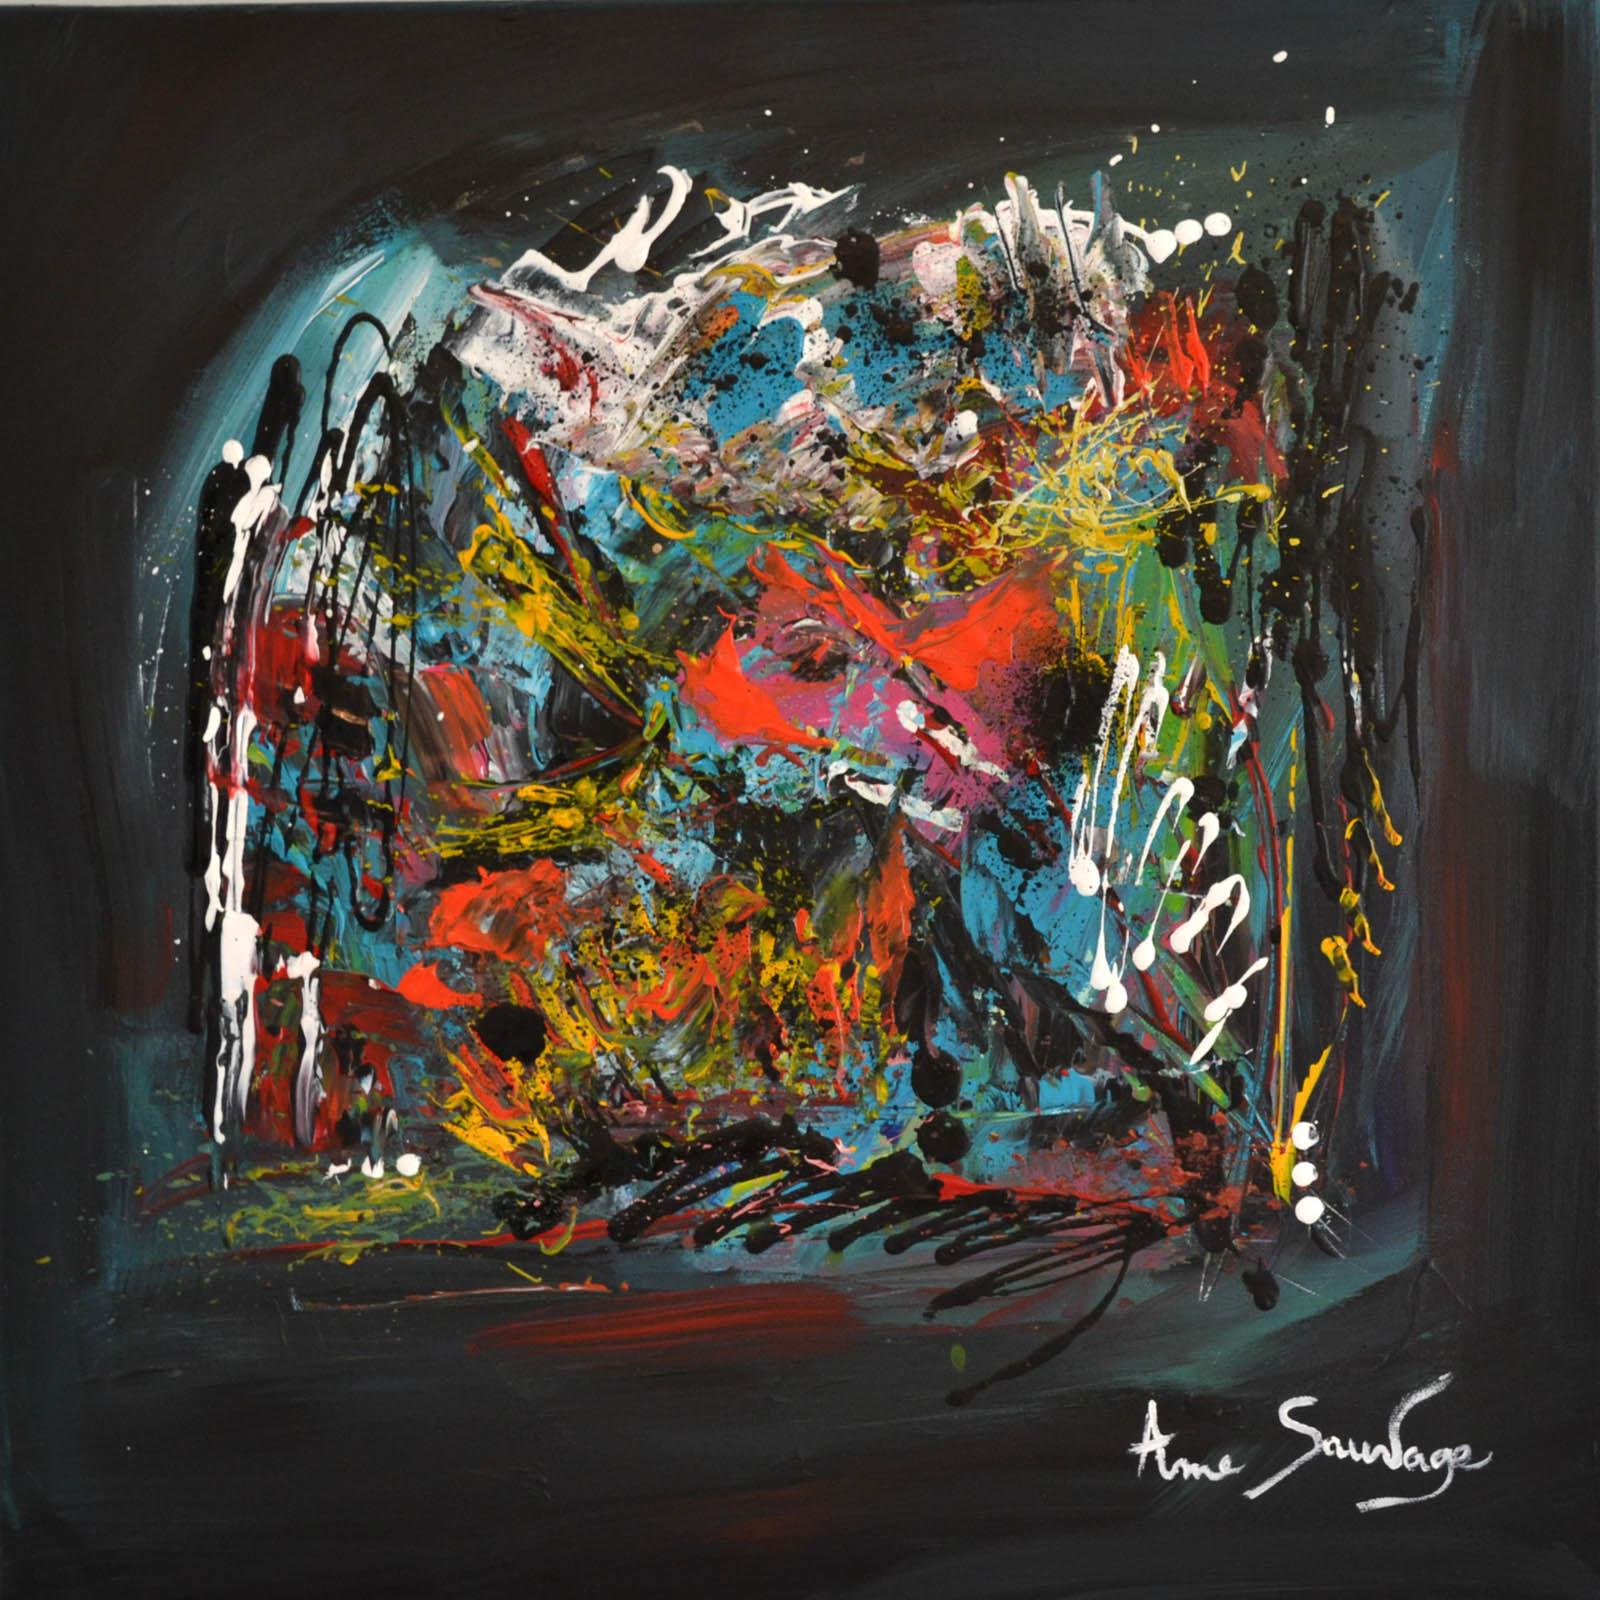 Tableau abstrait contemporain flashy et peinture moderne - Tableau couleur flashy ...